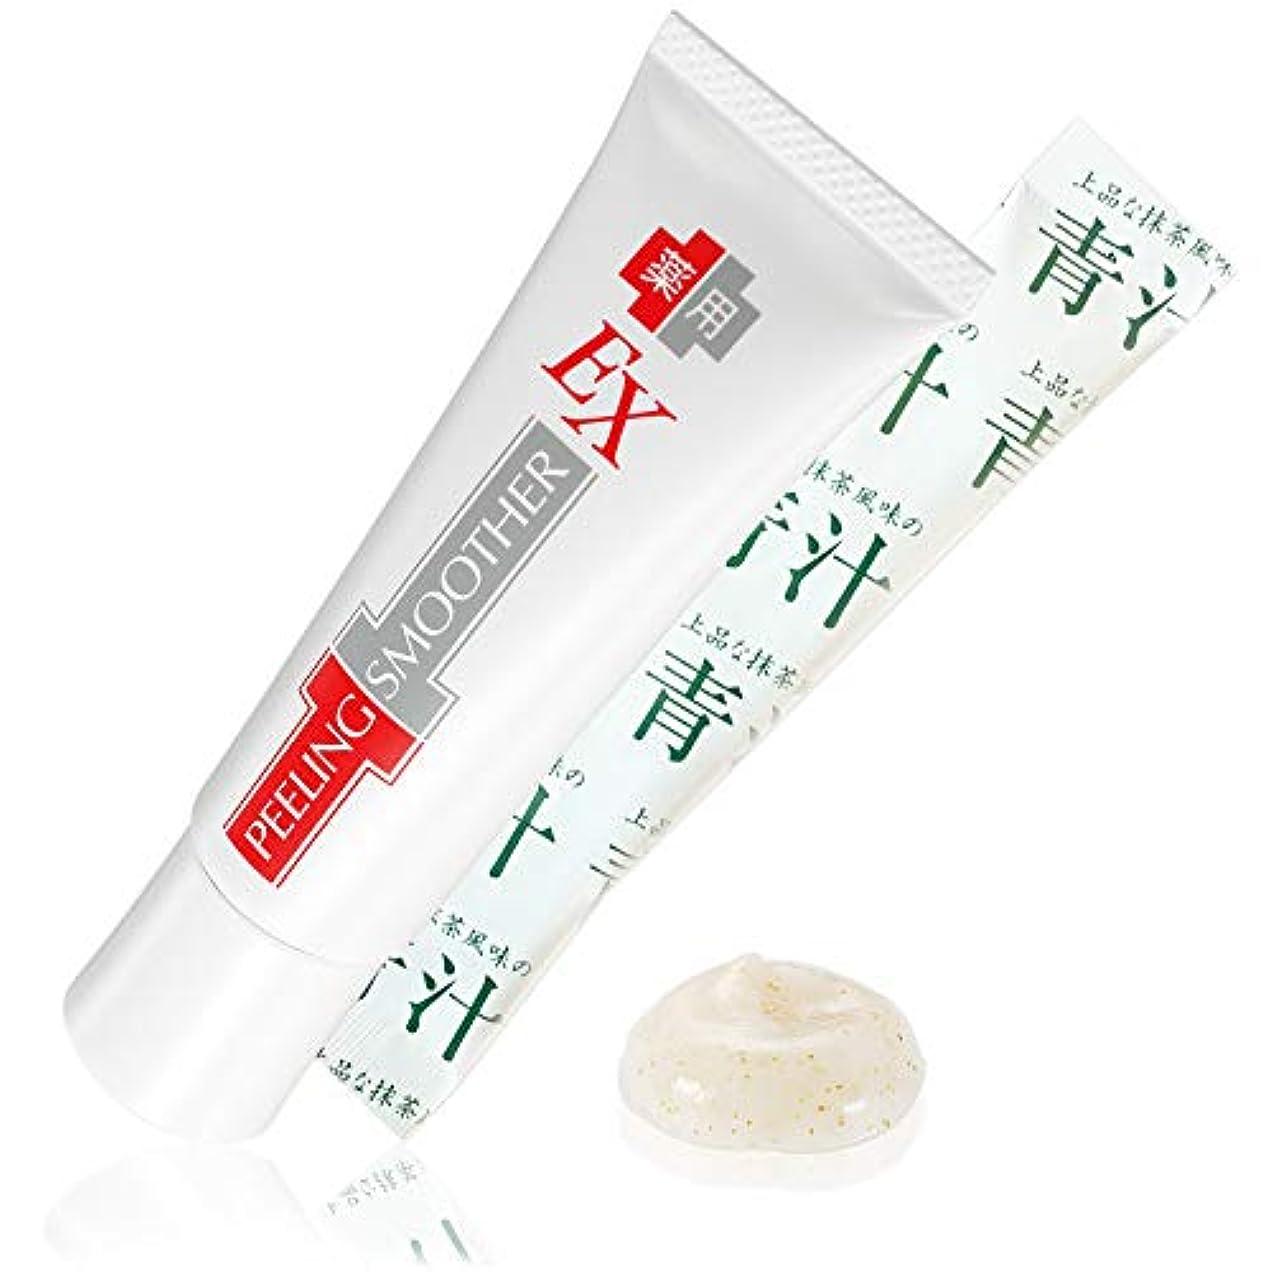 教室敵対的強調する薬用イボ取りクリーム ピーリングスムーサーEX 25g 国産青汁プレミアム1包付き